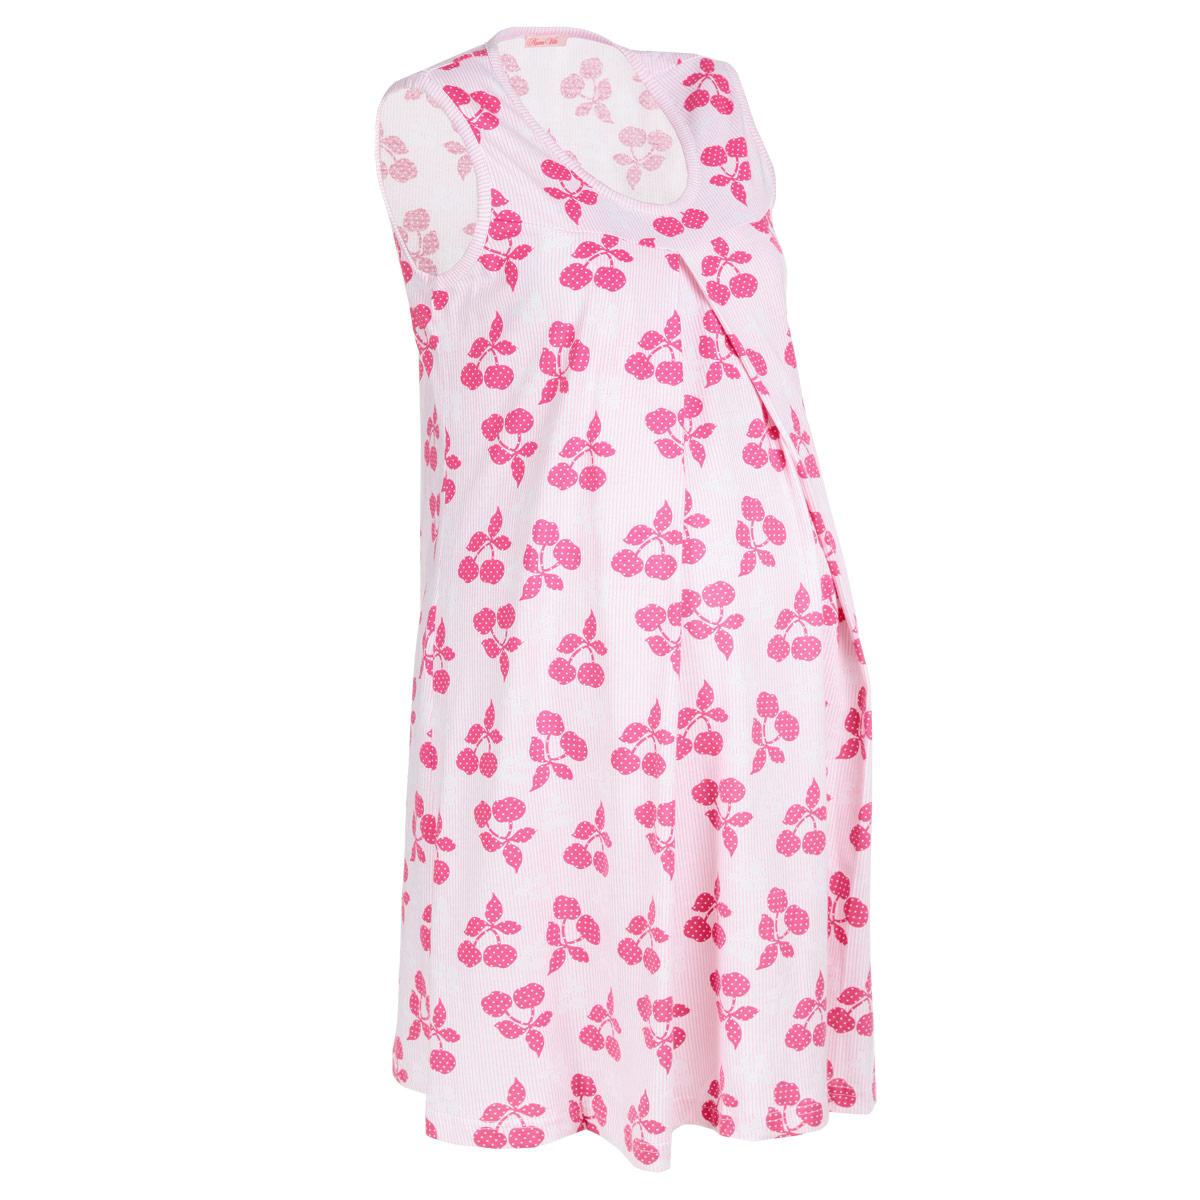 Ночная рубашка326.1Симпатичная сорочка для беременных и кормящих мам Nuova Vita Mamma Bella, изготовленная из натурального хлопка, оформлена принтом с изображением вишенок. Молодая мамочка будет выглядеть красиво и женственно в этот важный период. Аккуратная сорочка без рукавов с круглым вырезом горловины имеет легкий доступ к груди для комфортного кормления малыша, а так же максимального удобства ночных кормлений. Секрет кормления скрыт в складках сорочки на груди. Изделие приятно к телу, дарит комфорт при носке и позволяет коже дышать. Великолепный выбор на каждый день.